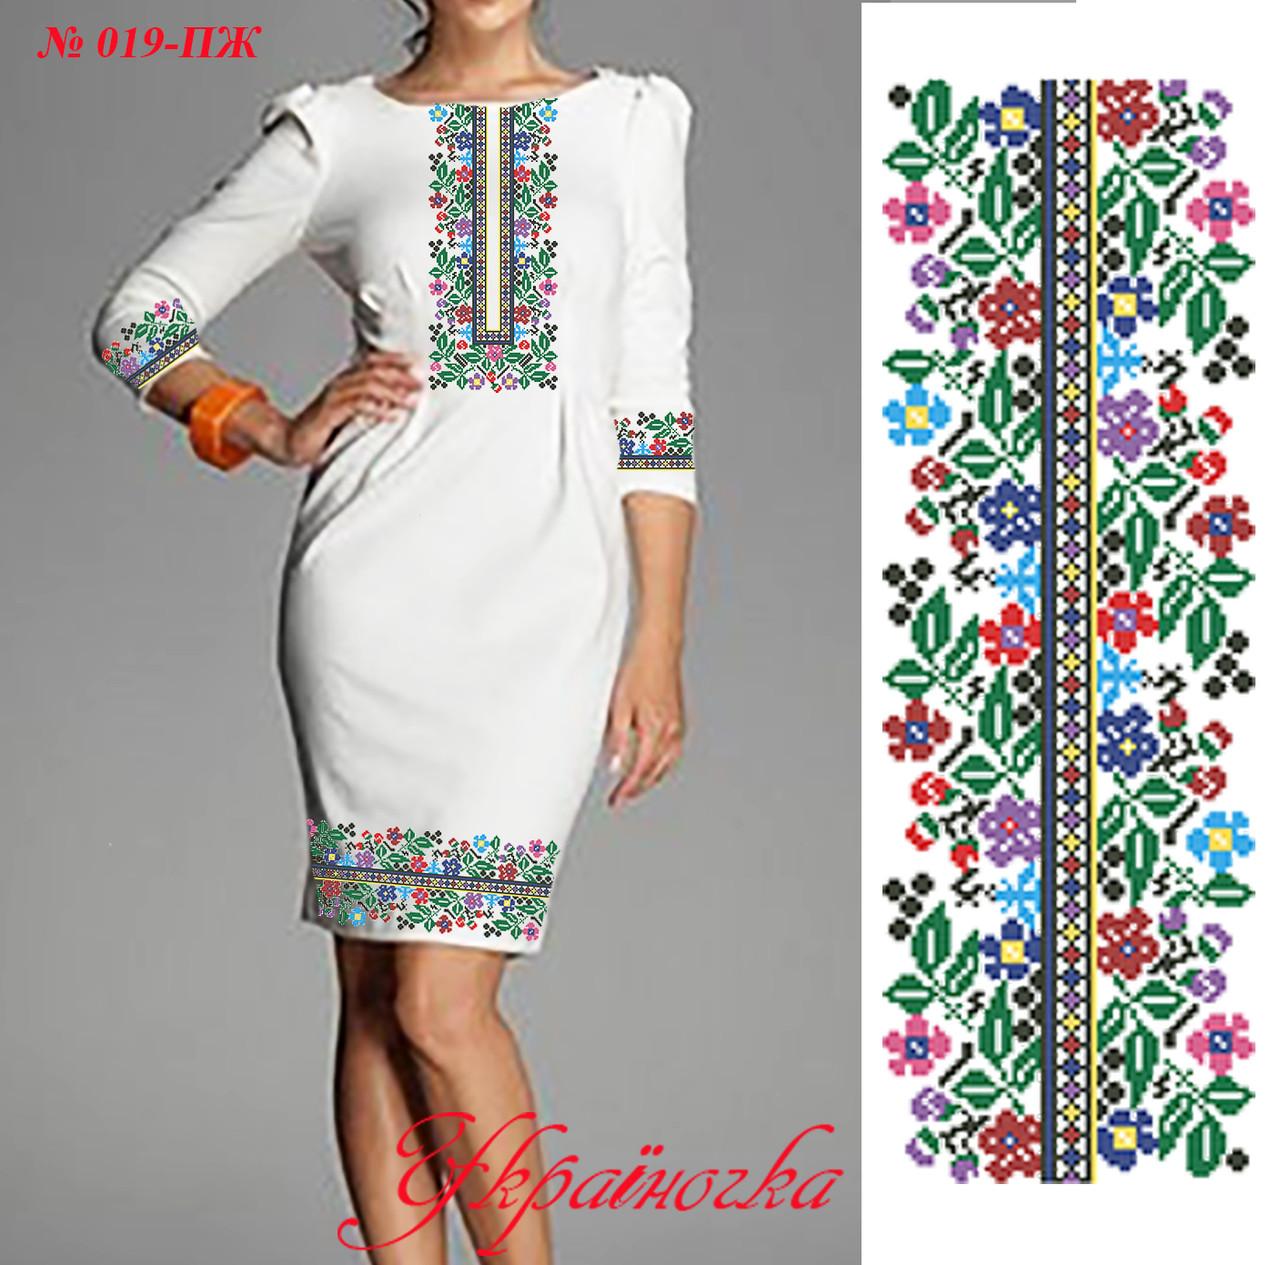 Заготовка женского платья №019